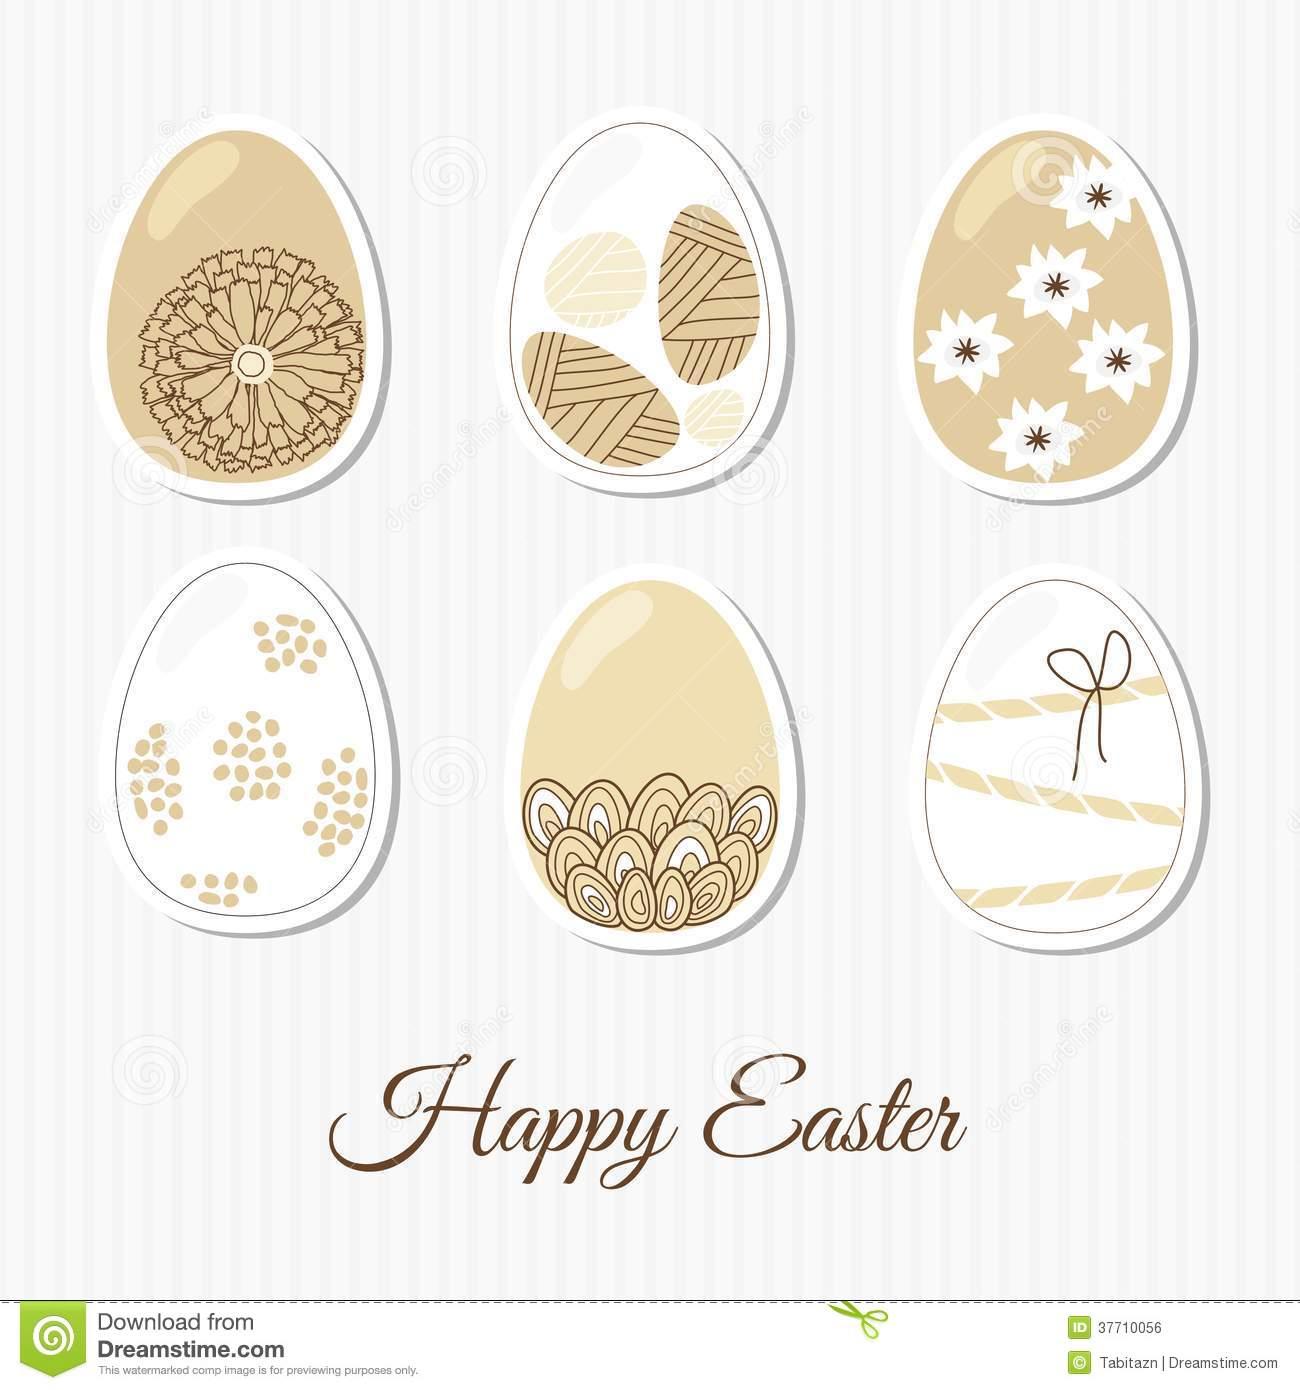 Elegant easter clipart banner royalty free download Spring Set Of Easter Eggs, Elegant Patterns, Illu Royalty Free ... banner royalty free download